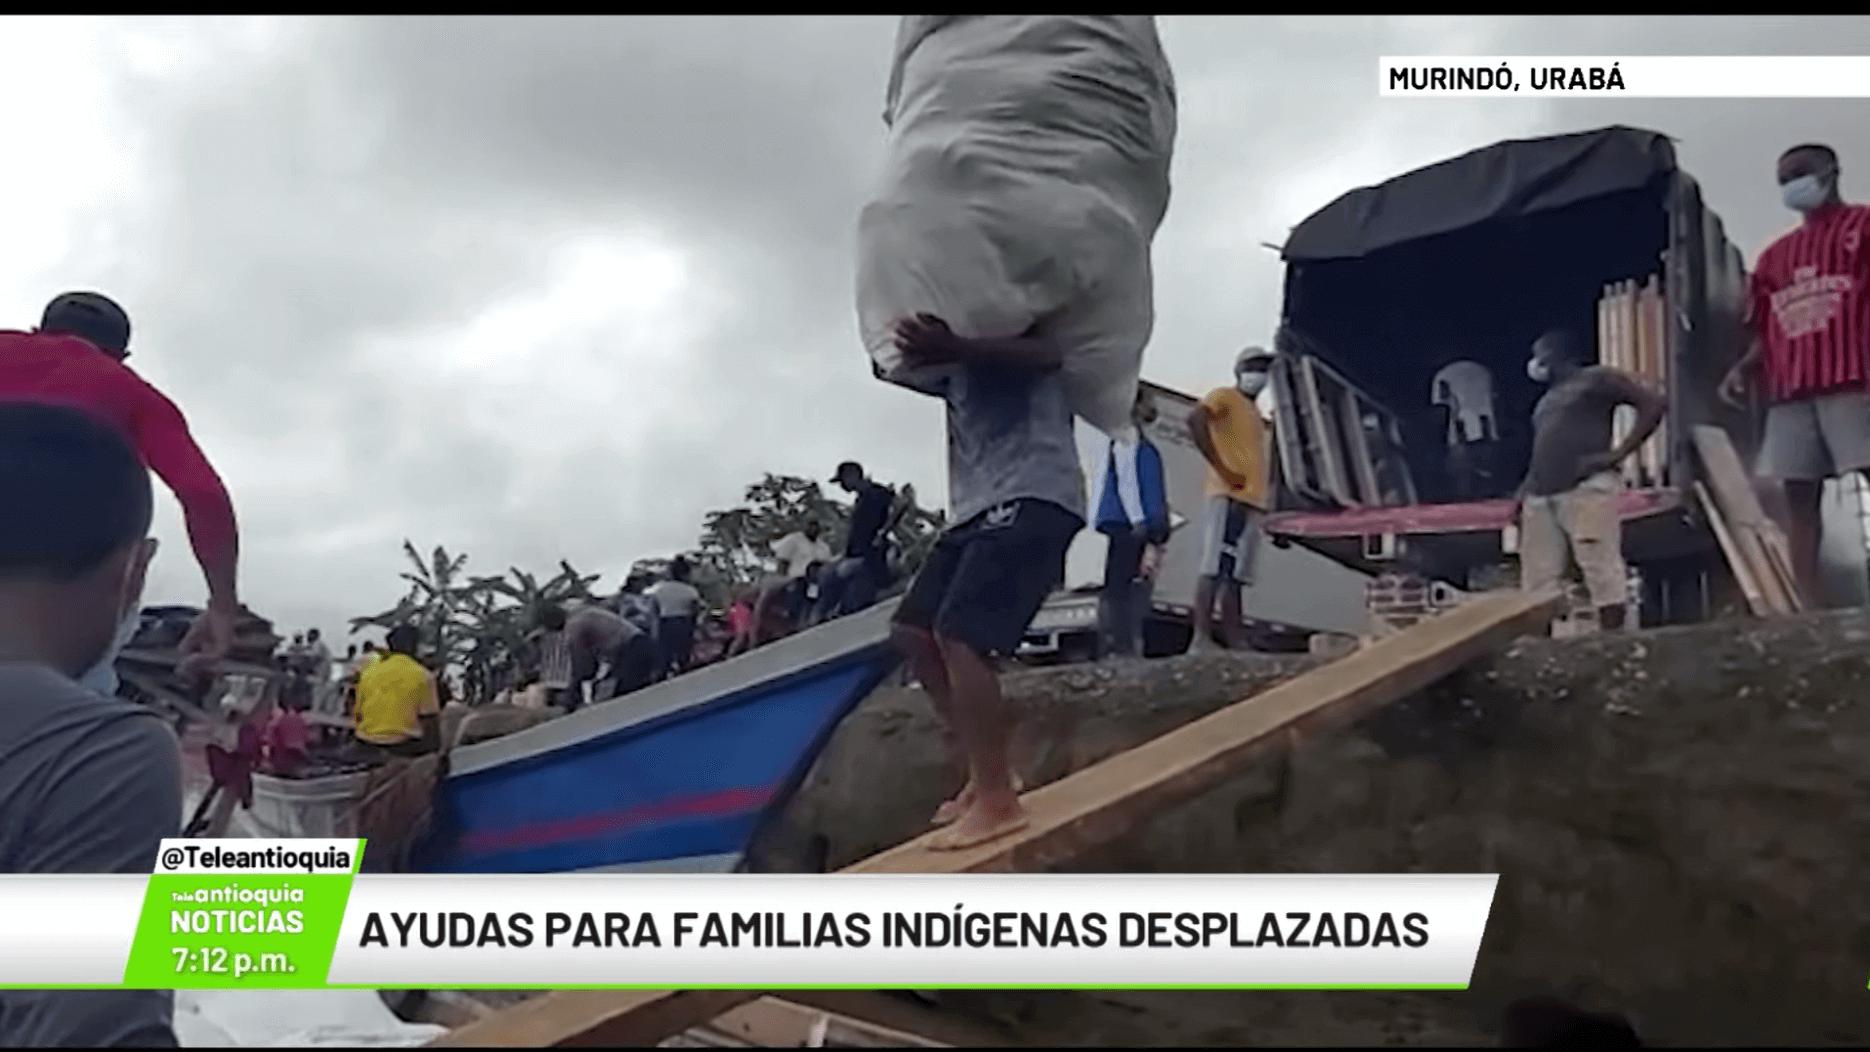 Ayudas para familias indígenas desplazadas